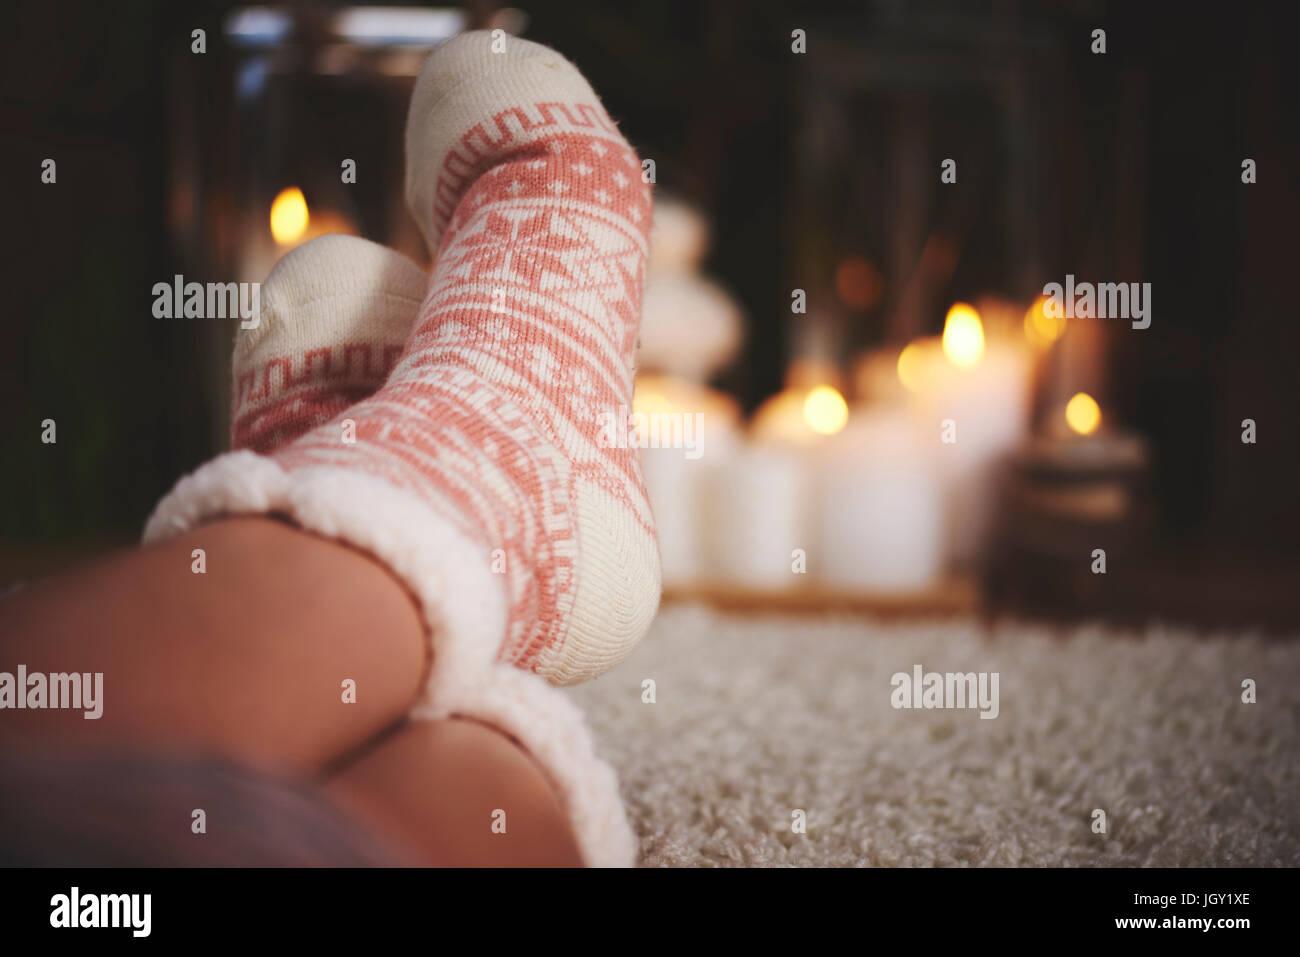 Füße der Frau tragen festliche Socken Stockbild